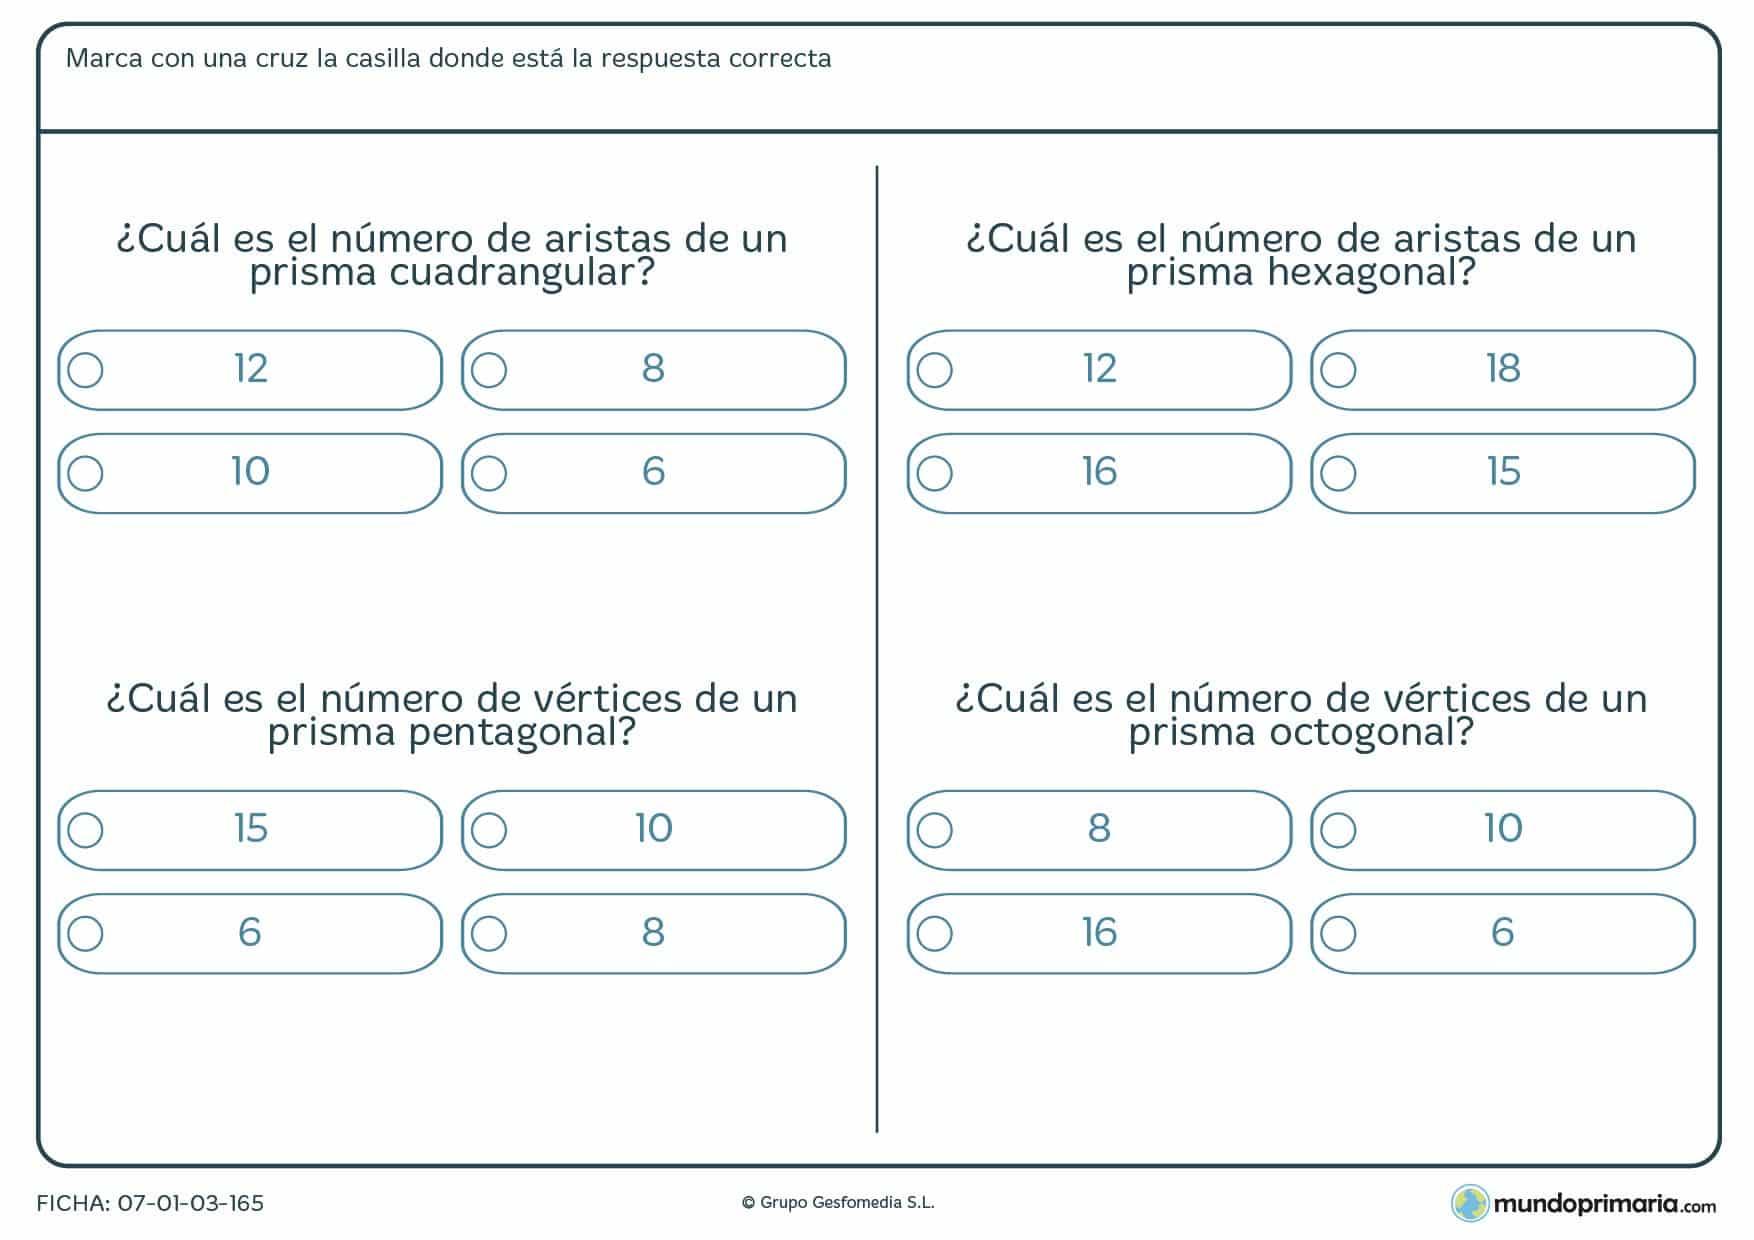 Ficha de aristas de un prisma en la que has de marcar el número de aristas o vértices que tienen.